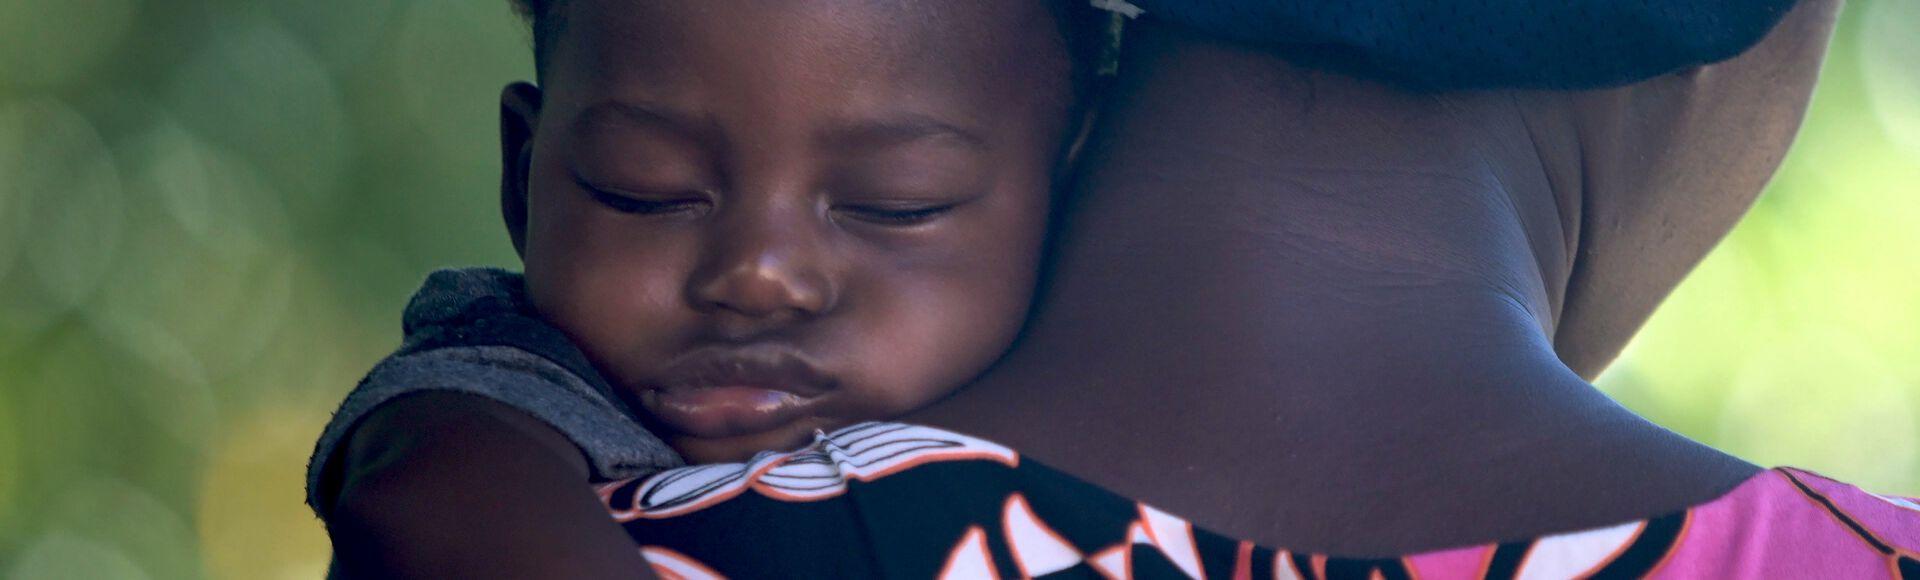 Criança em sono profundo